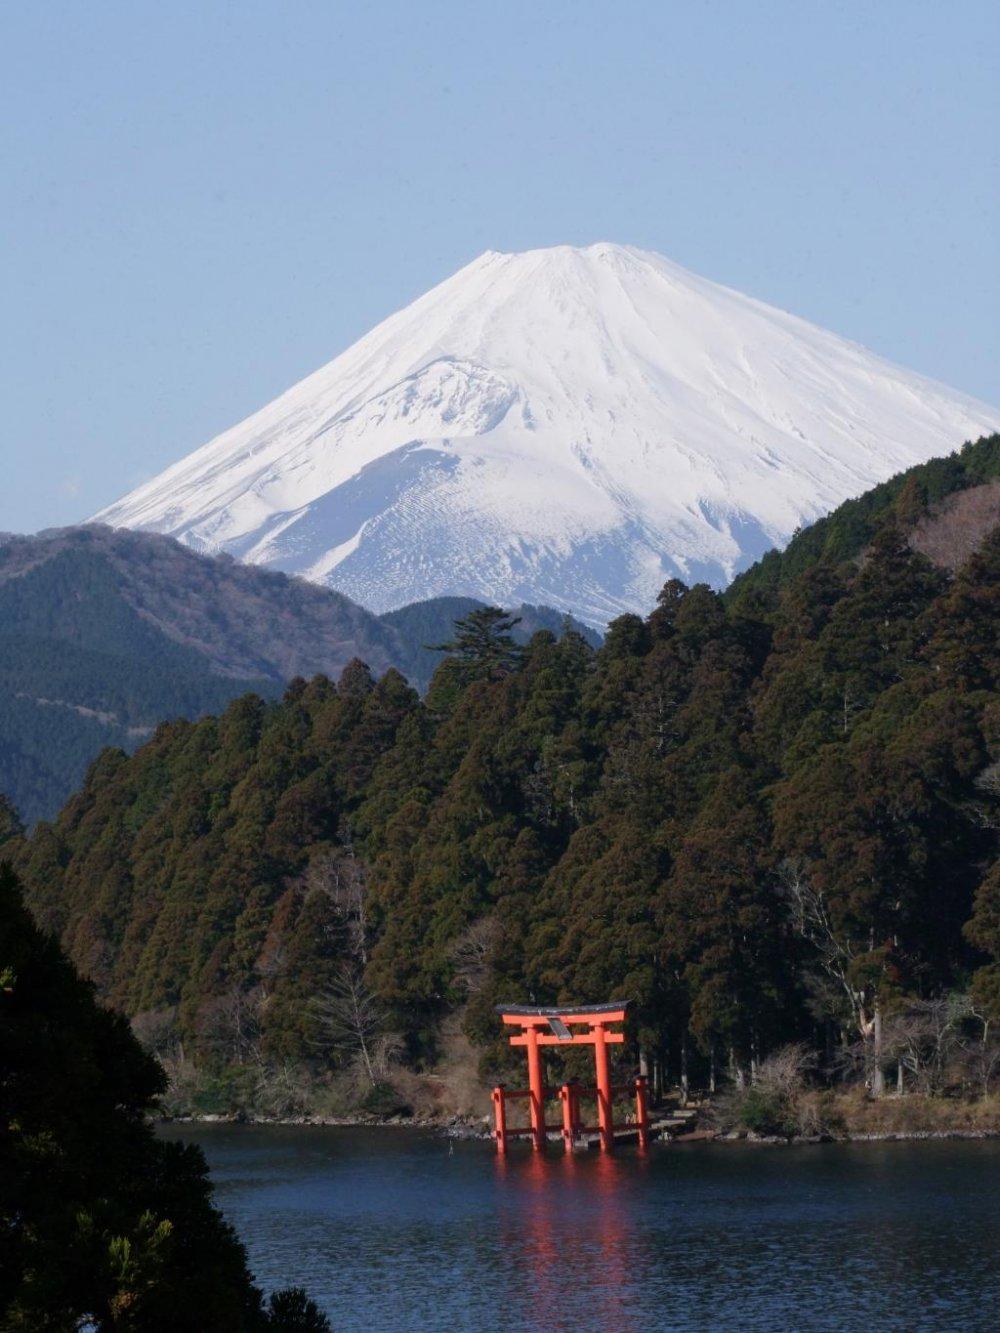 雪をかぶった富士山と箱根神社の赤い鳥居のコントラストが美しい